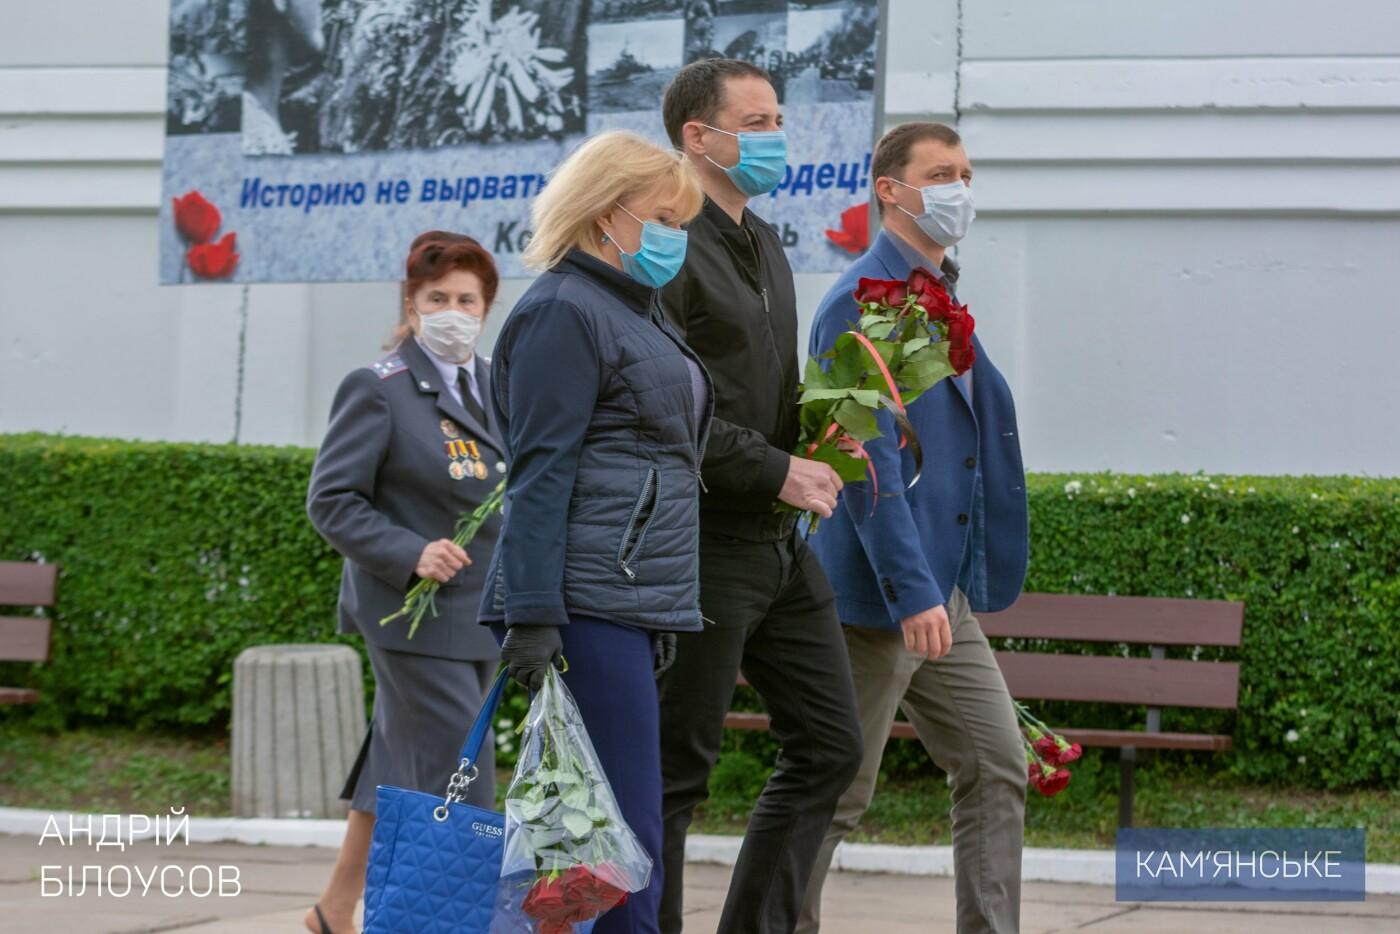 К 75-летию Победы в Каменском открыли два новых памятника, фото-3